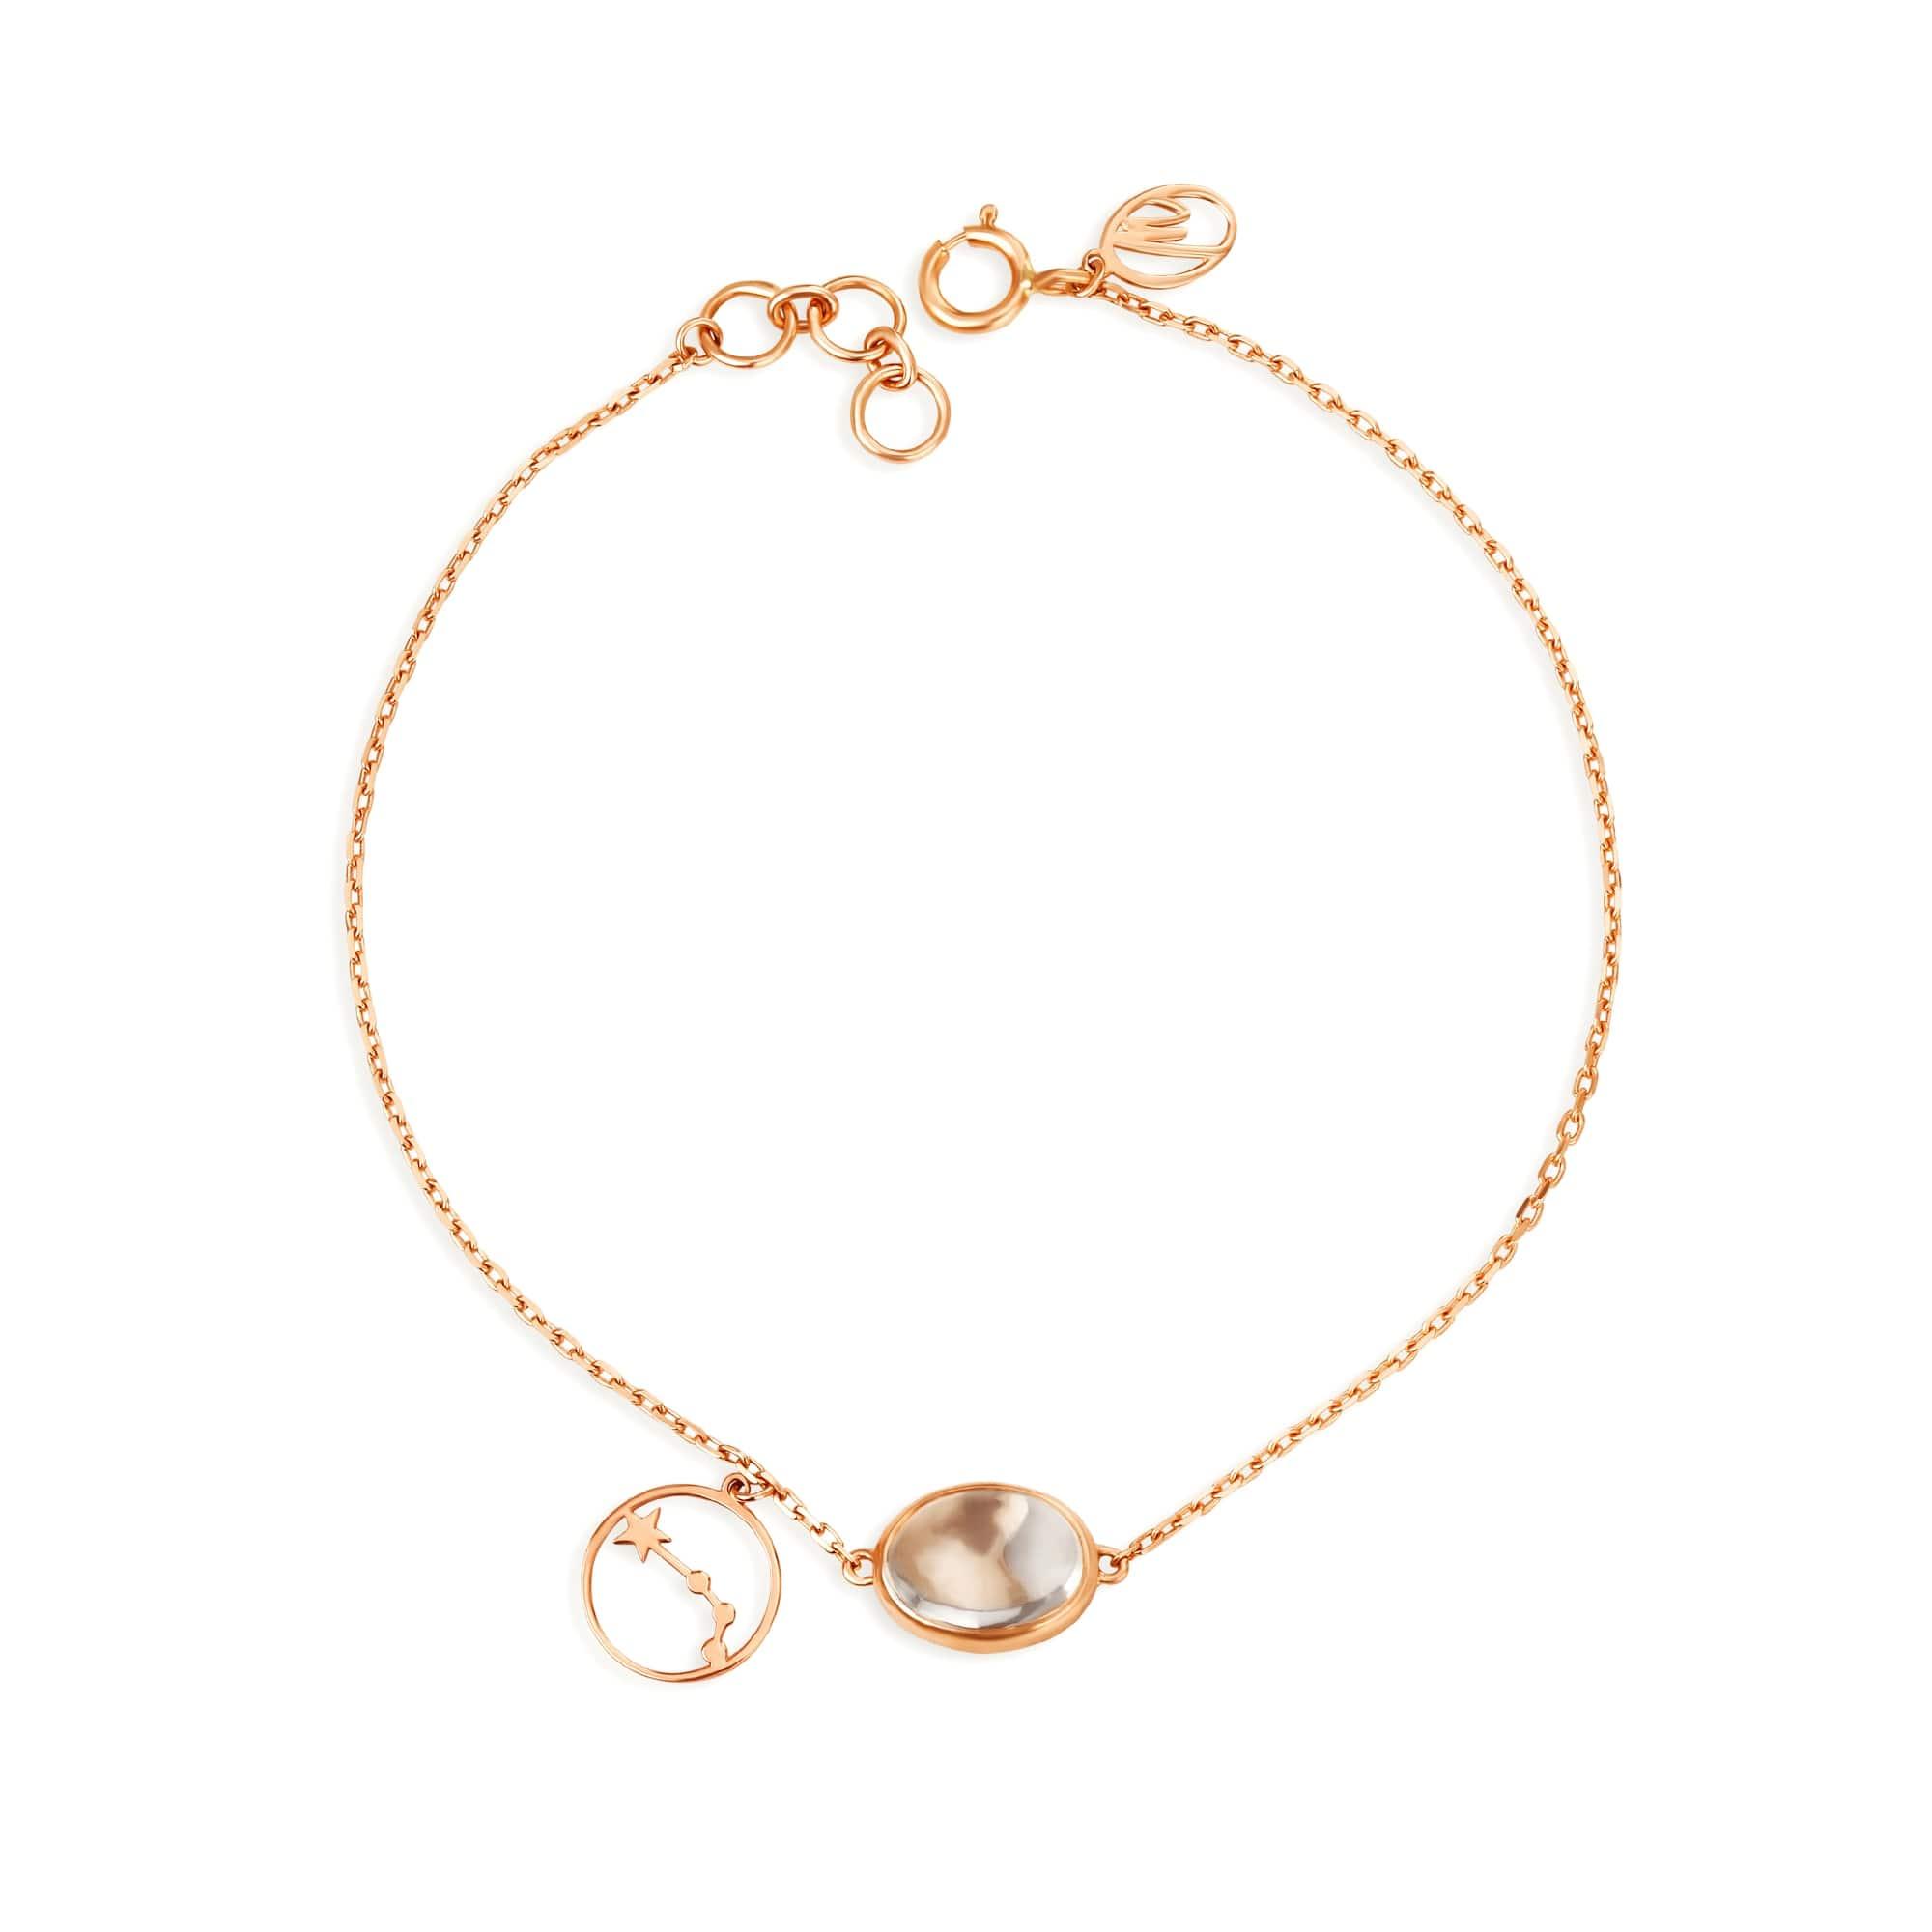 Mia By Tanishq 14kt Aries Birthstone Rose Gold Bracelet Tanishq